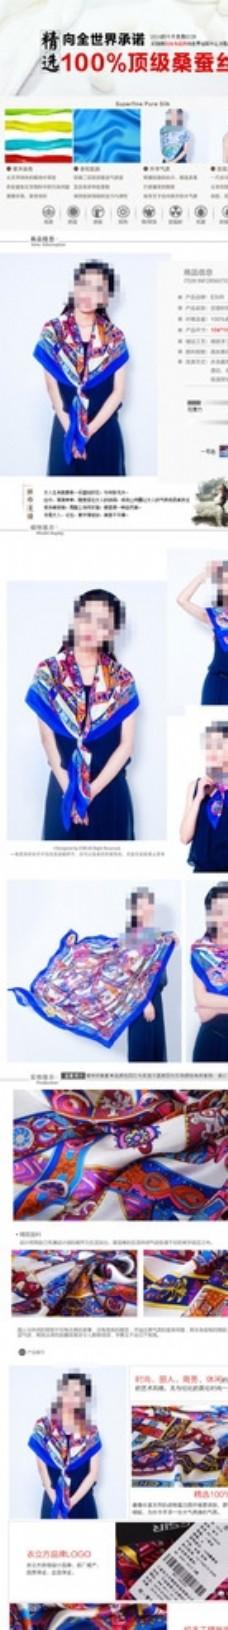 丝巾详情页